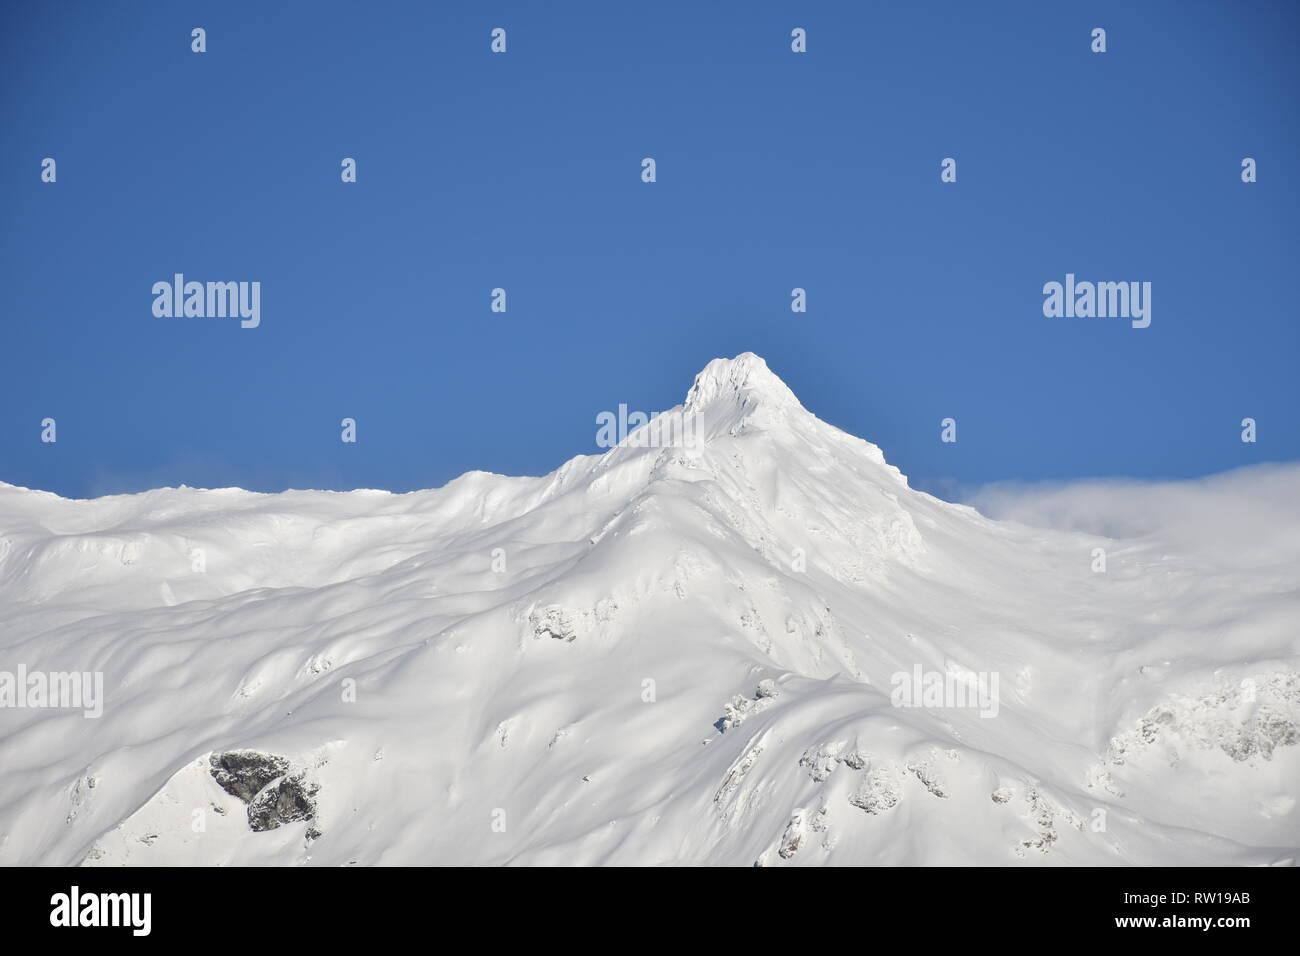 Felbertauern, Winter, Schnee, Eis, Straße, Schneefahrbahn, Felbertauernstraße, Pass, Matrei, Osttirol, Schneeverwehung, Wind, Wald, Schutzwald, Eis, Stock Photo